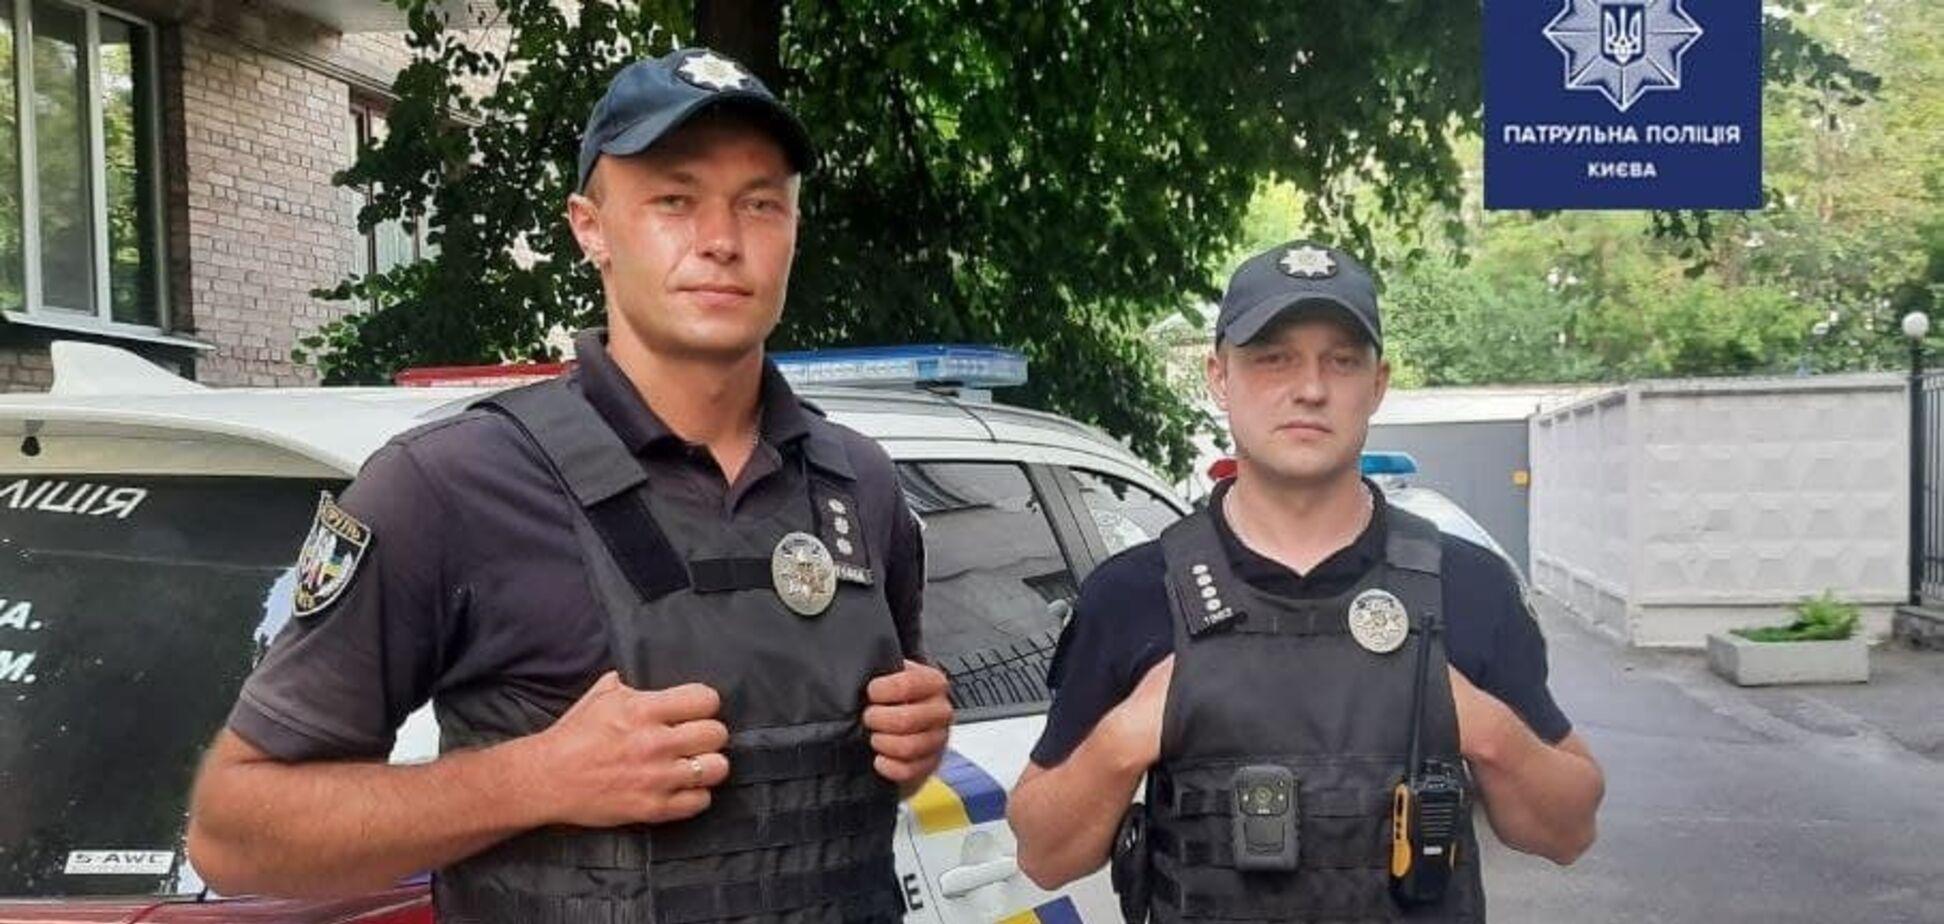 У Києві двоє патрульних врятували підлітка, який хотів накласти на себе руки на кладовищі. Фото